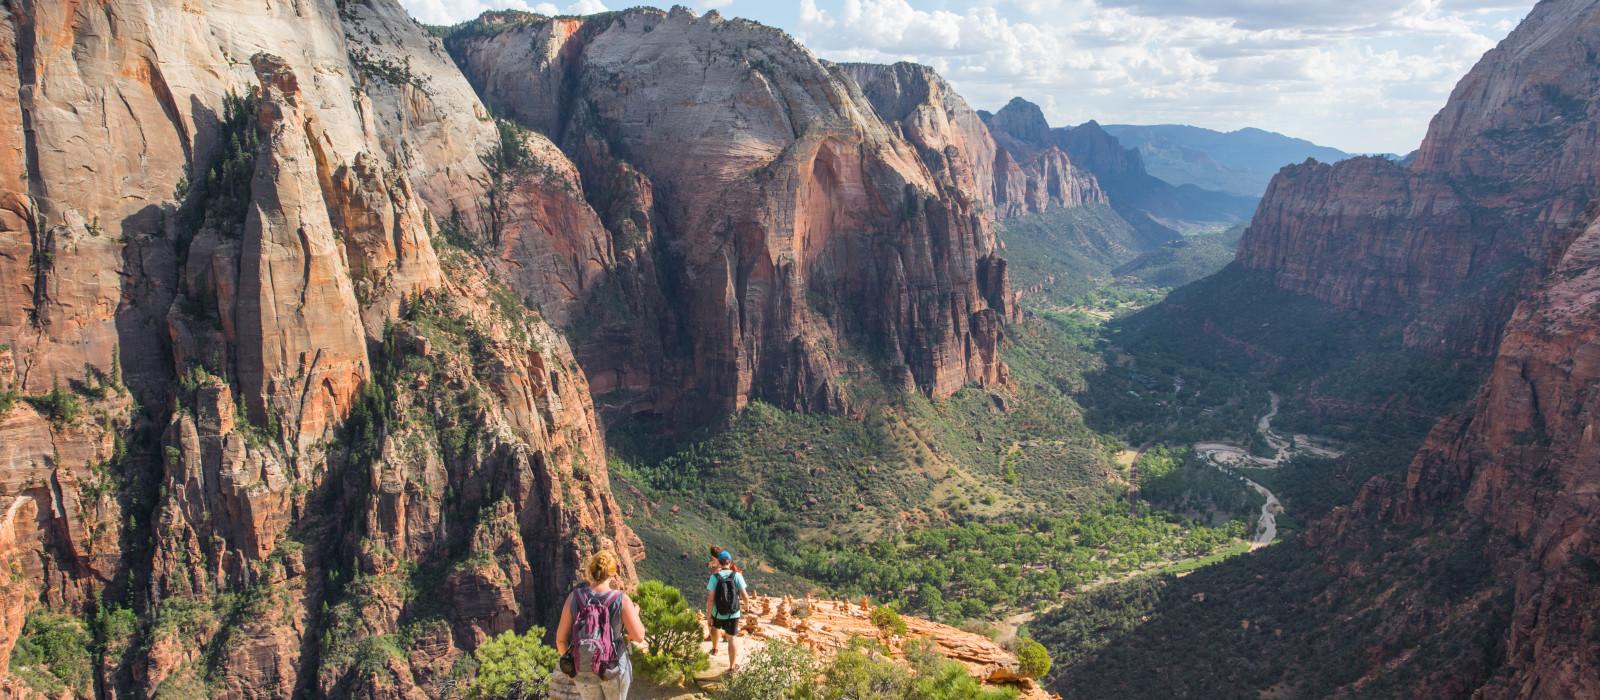 Reiseziel Zion Nationalpark USA